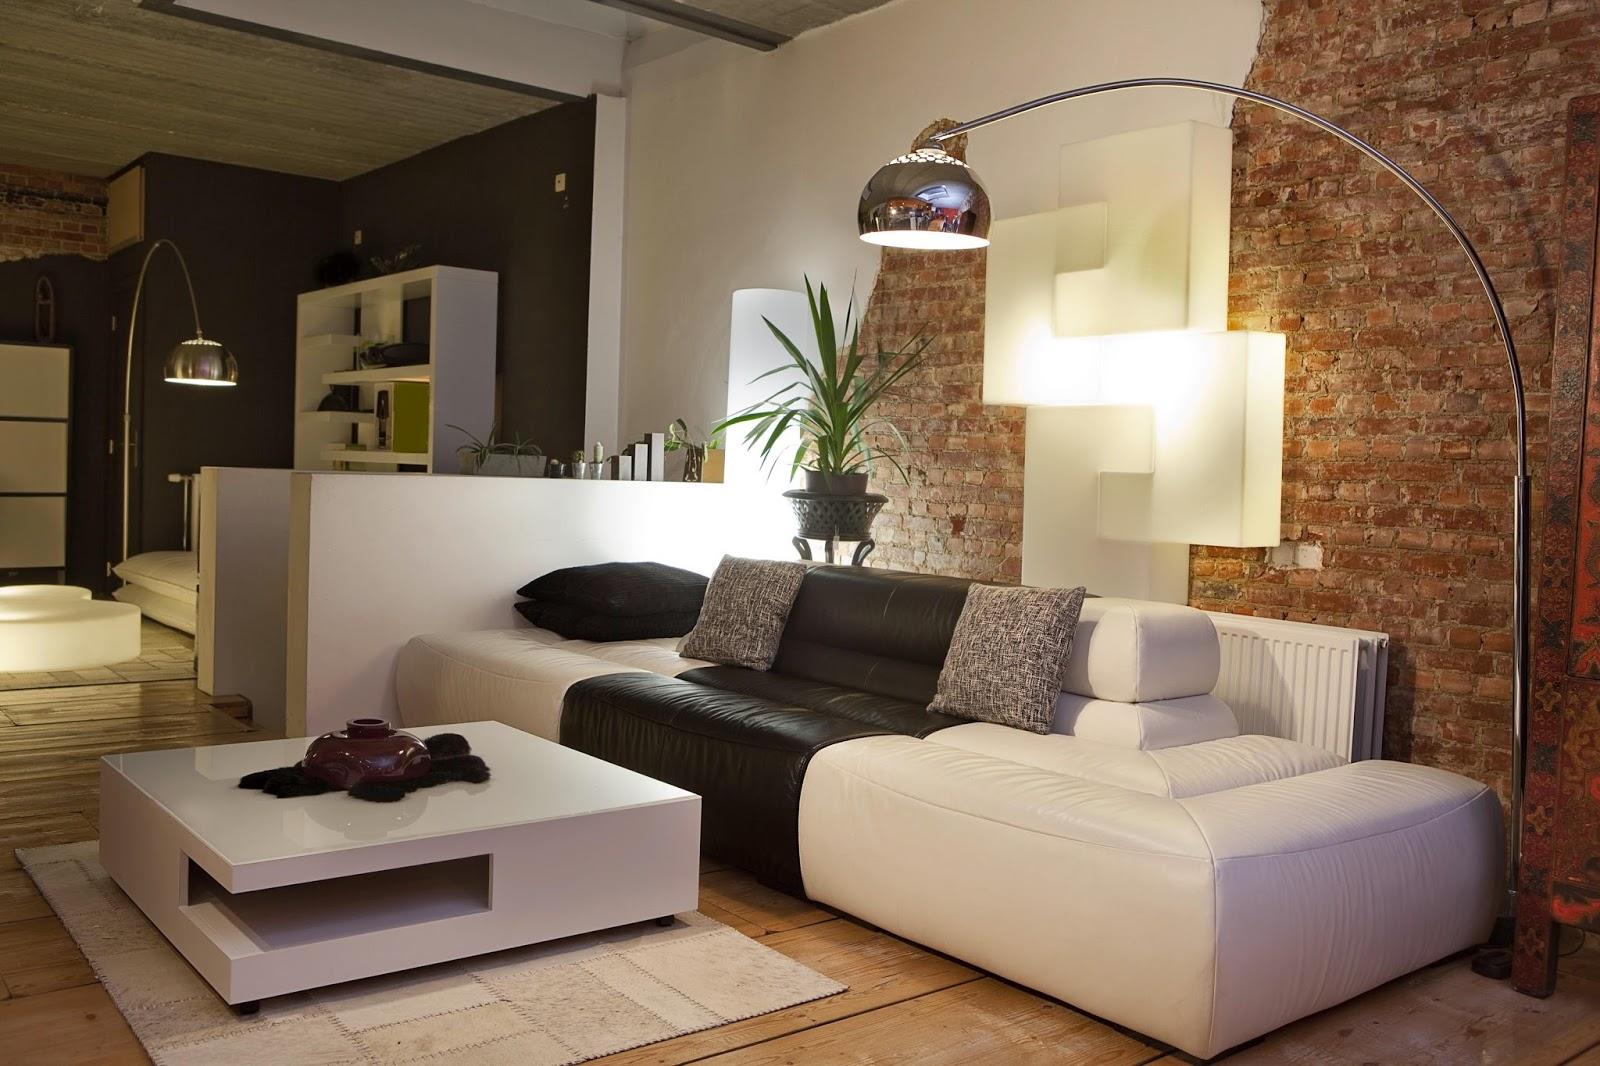 Illuminazione faretti soggiorno : Illuminare living arredamento,restyling casa,trasloco